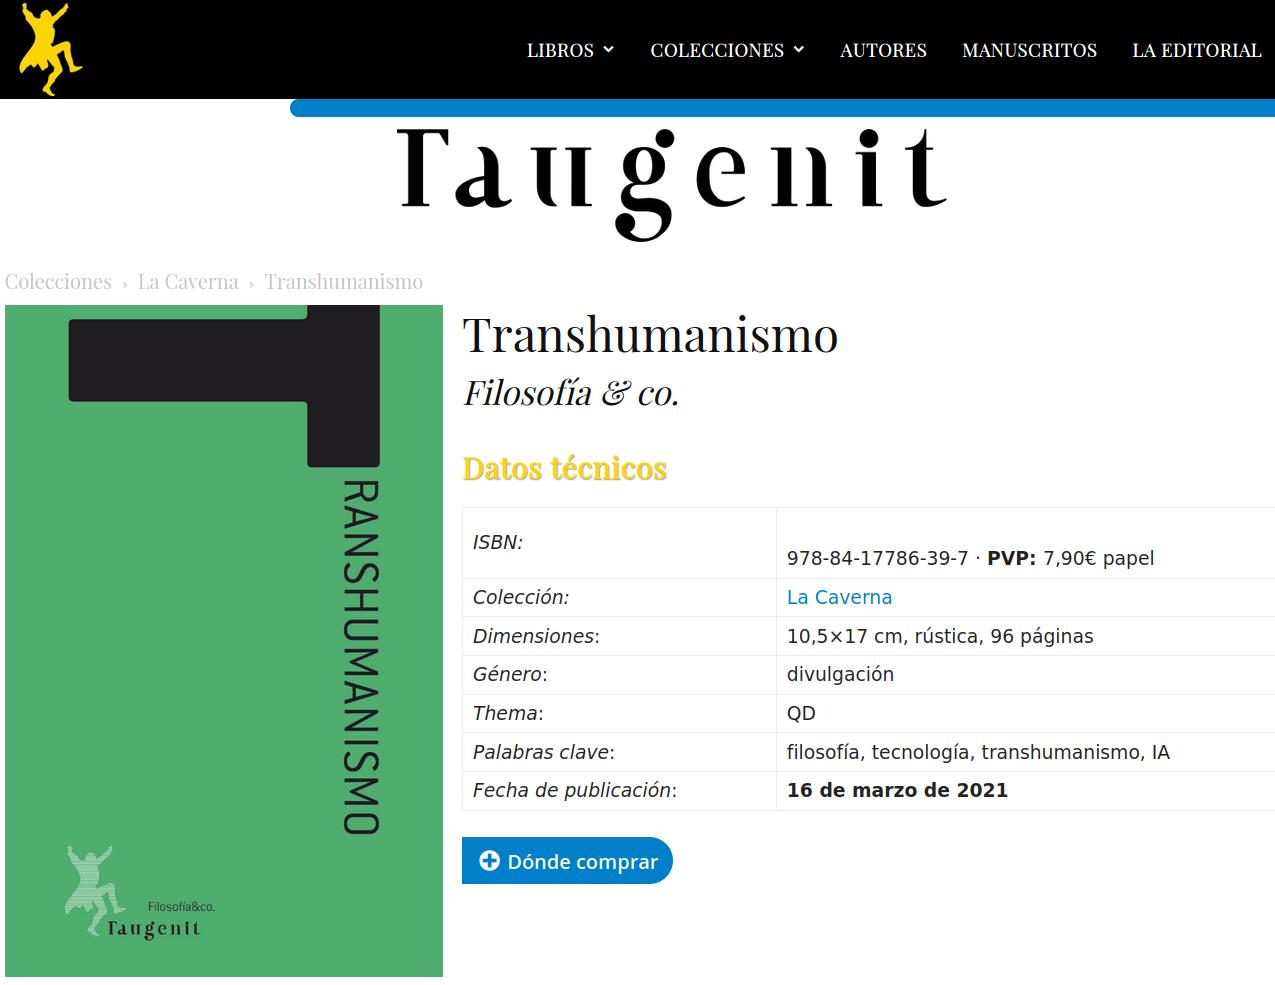 Transhumanismo de Filosofia y Co en Taugenit